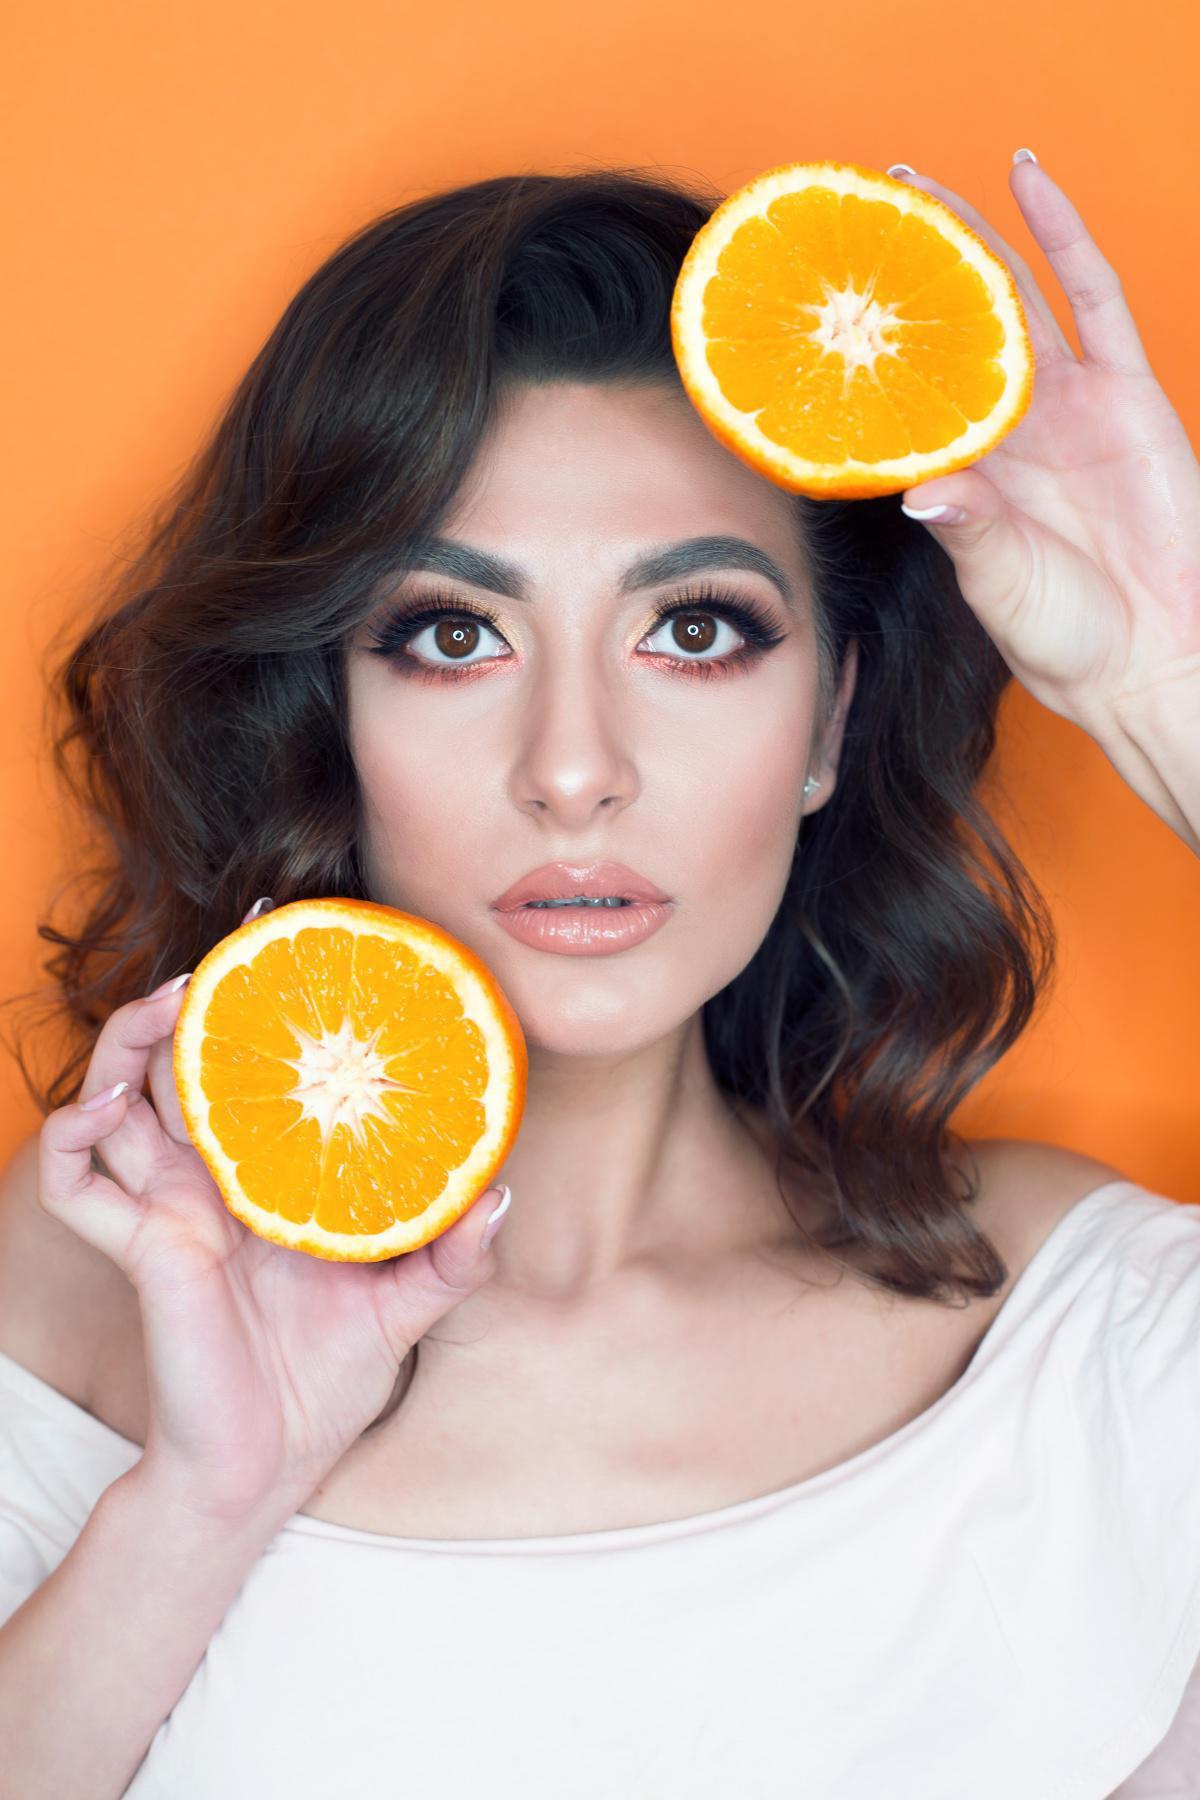 Se creció la naranja!!